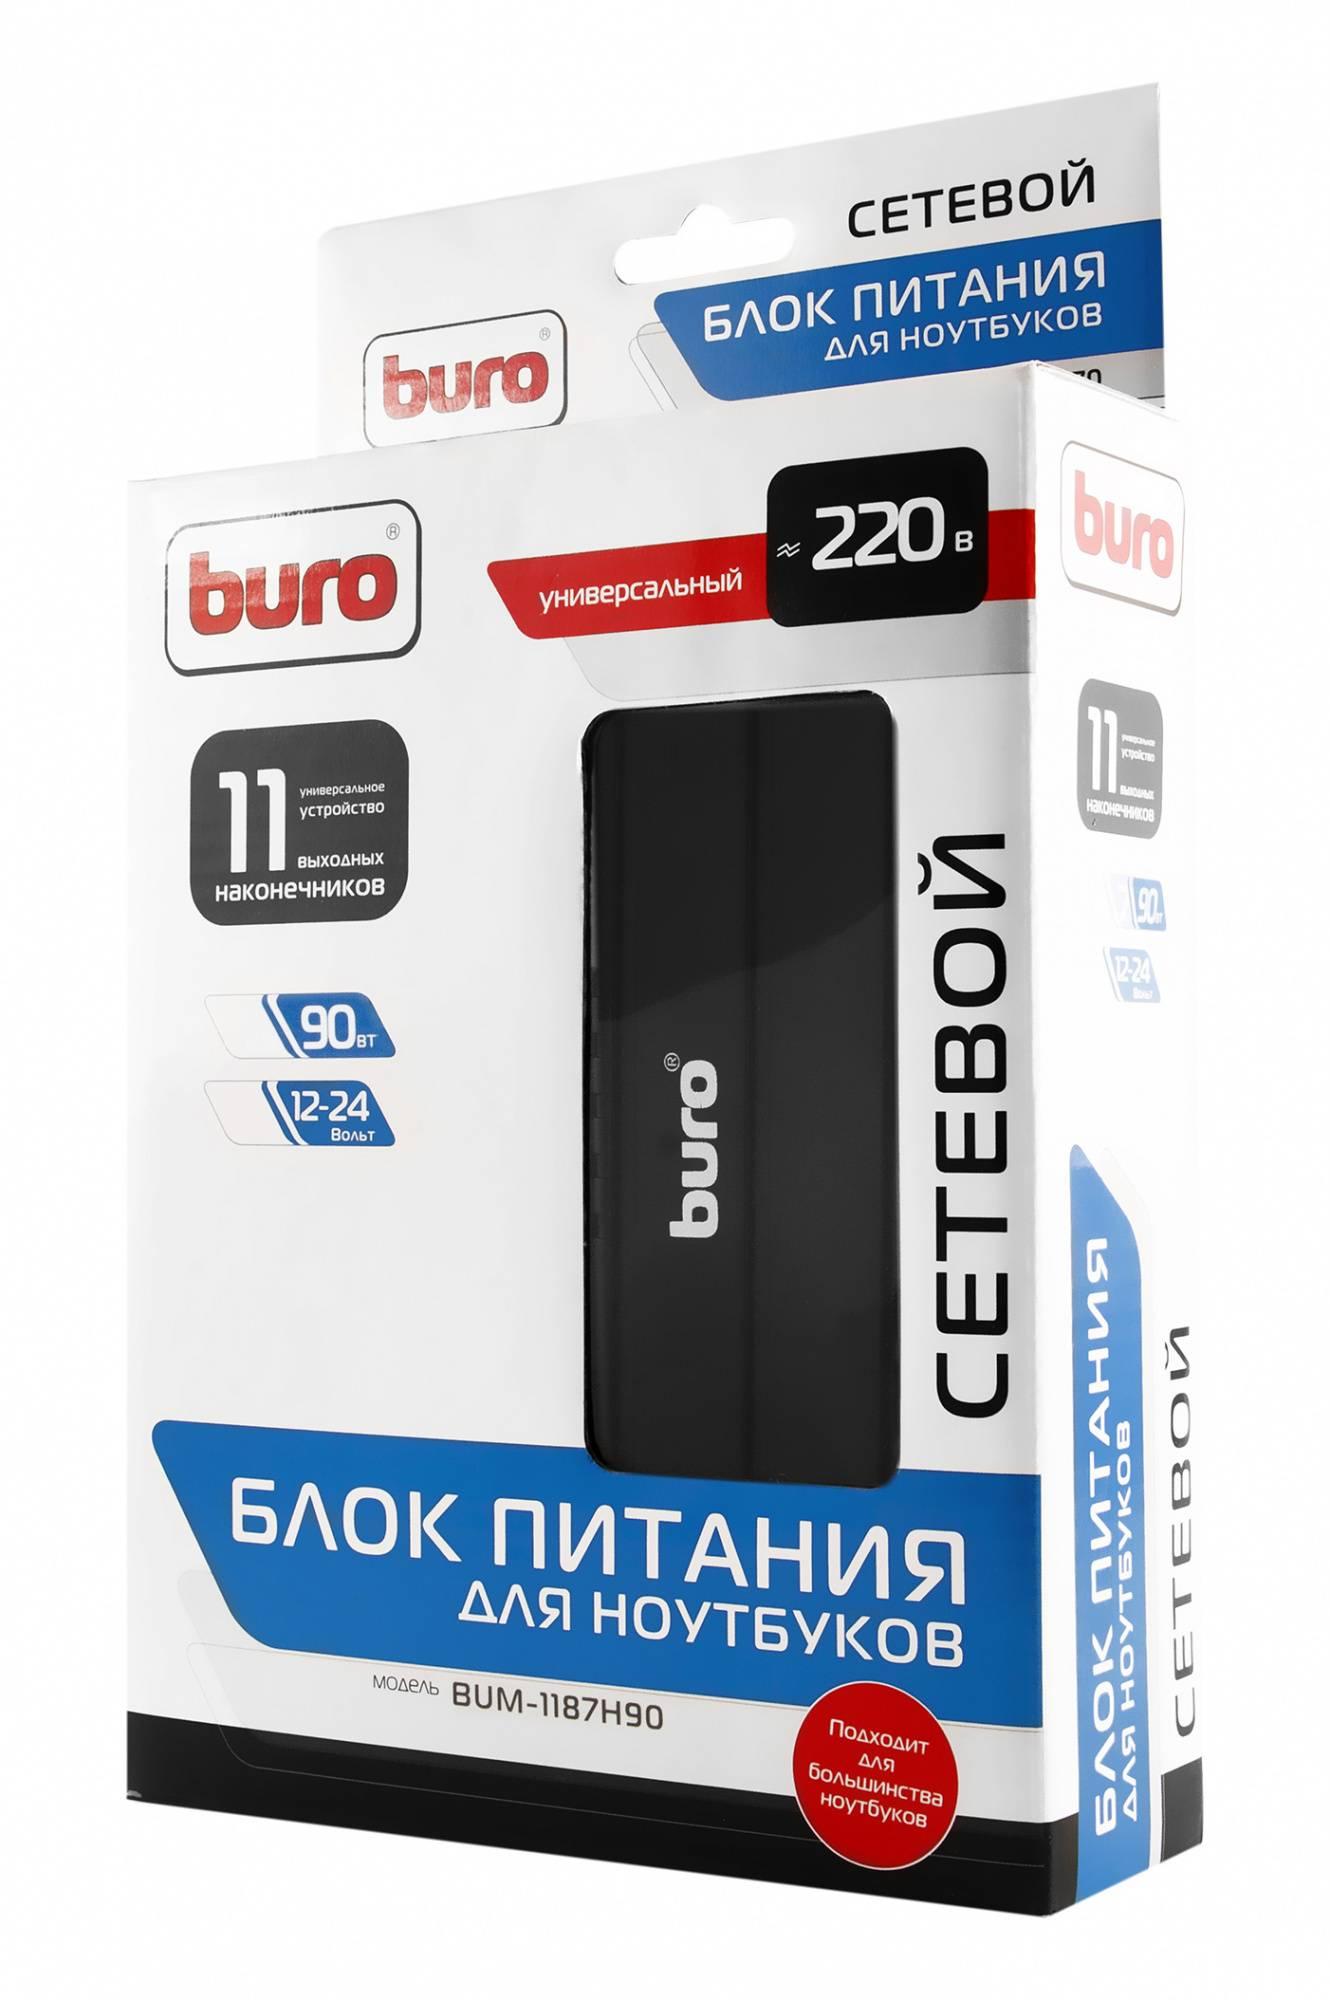 Блок питания для ноутбука Buro BUM-1187H90 черный - фото 6